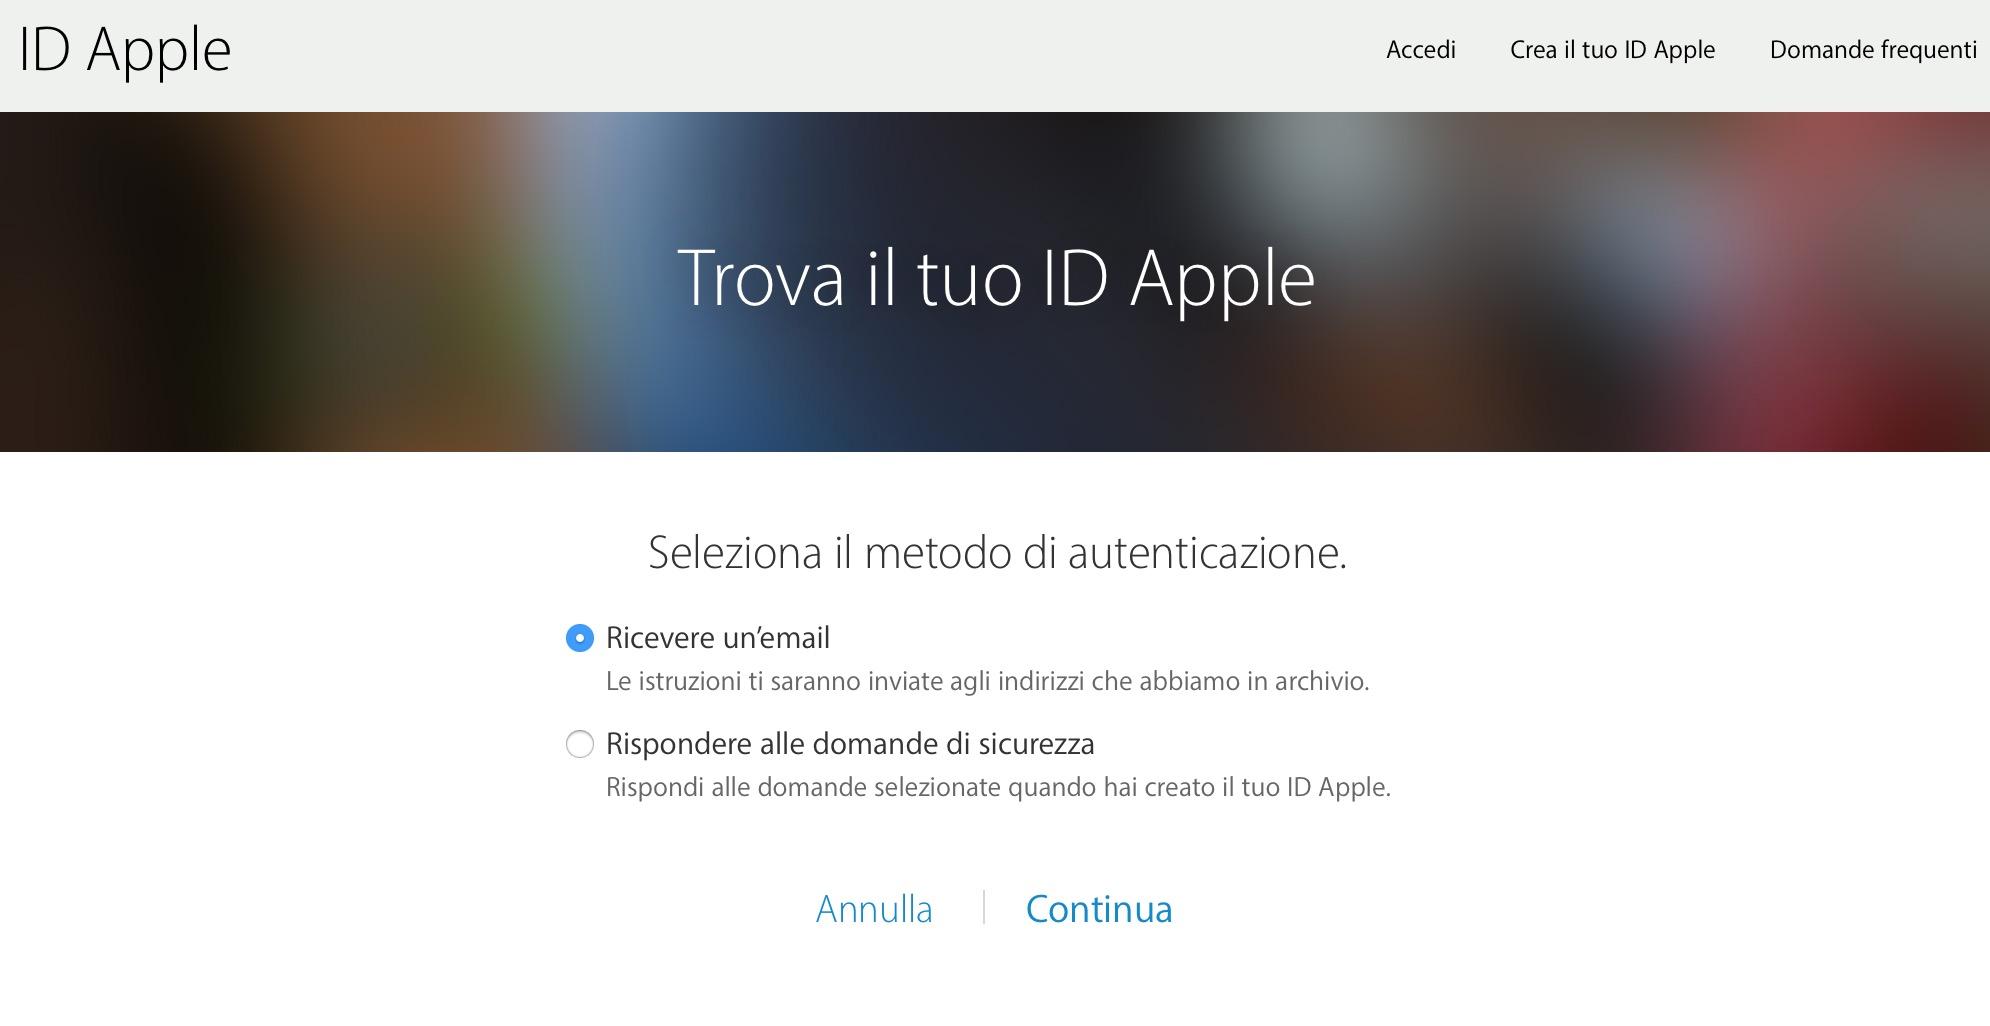 Autenticazione email domanda di sicurezza ID Apple